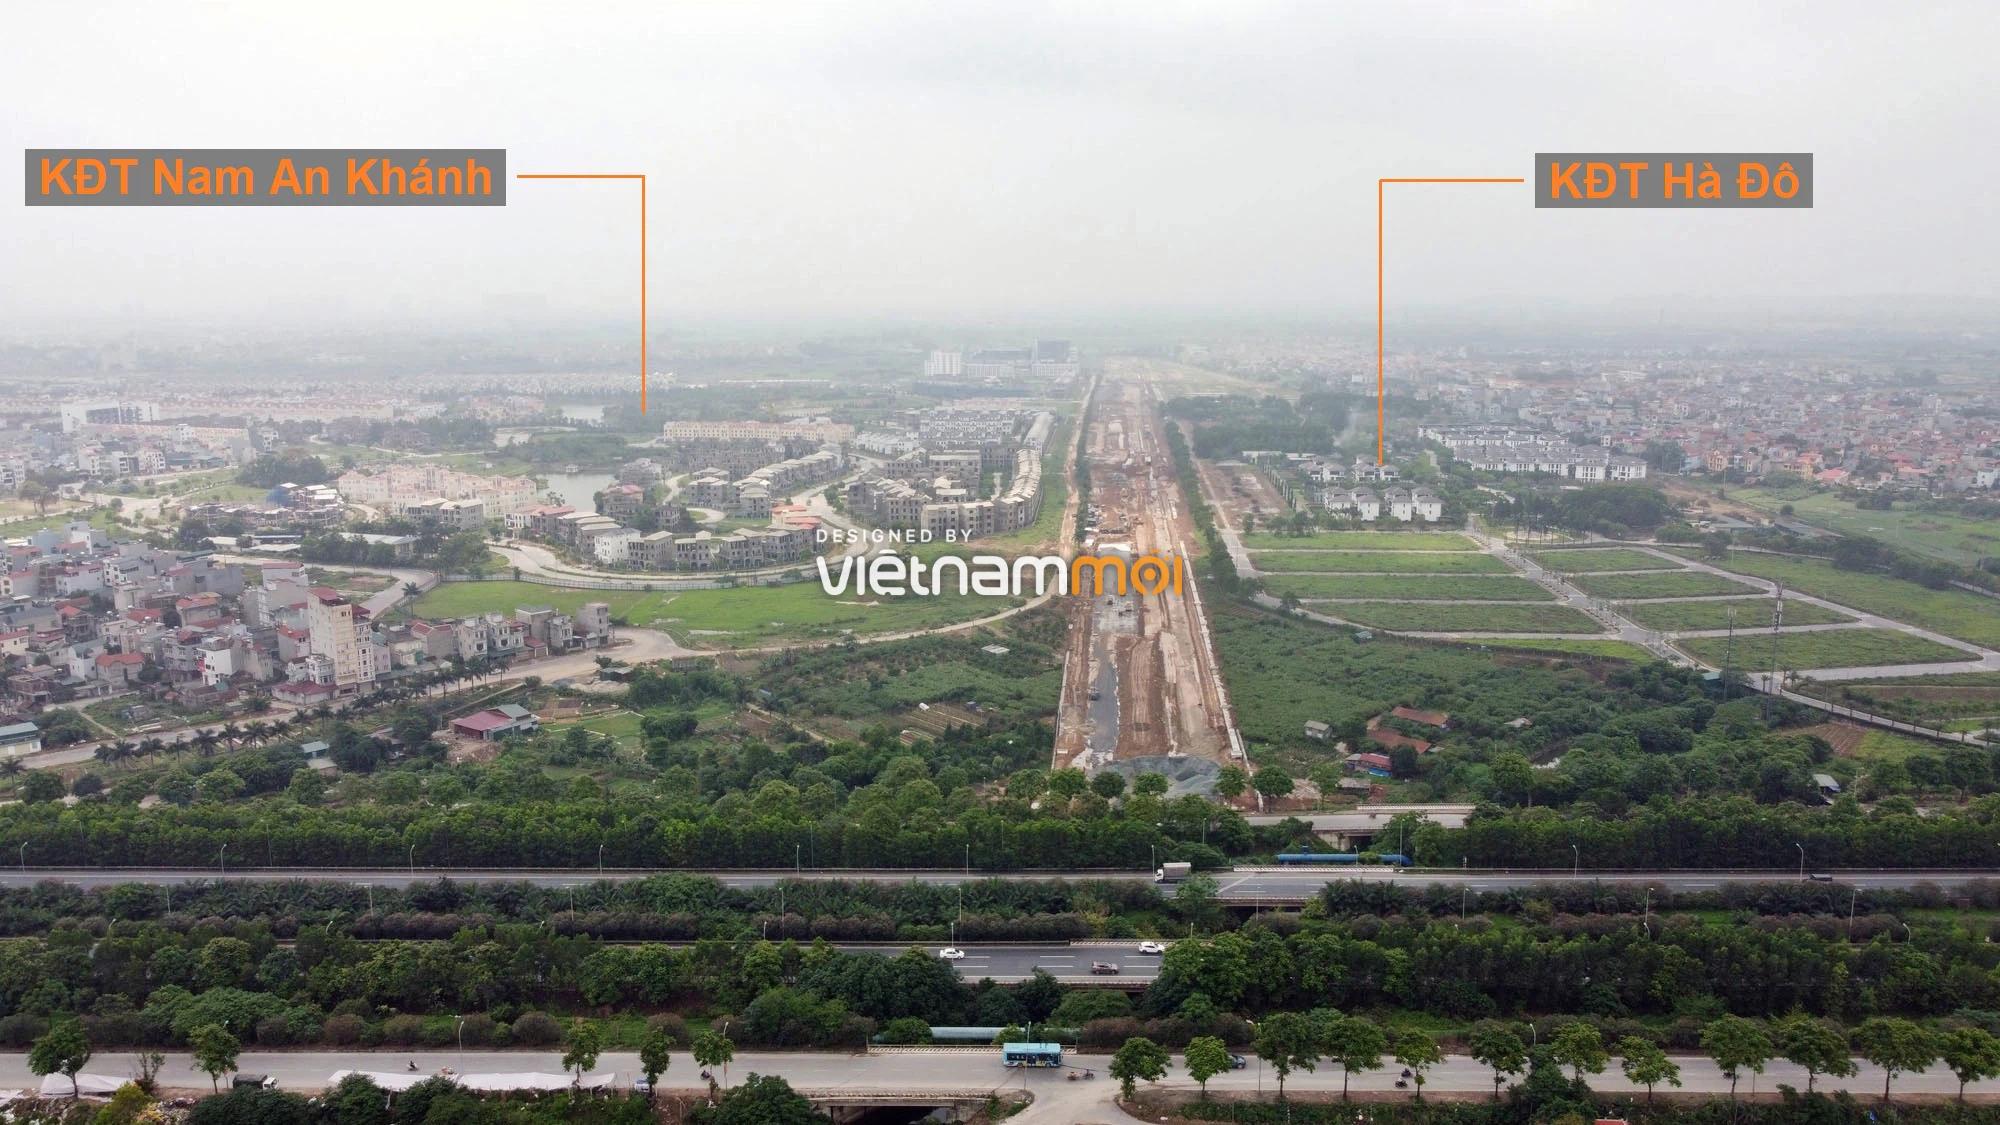 Toàn cảnh đường nối Đại lộ Thăng Long - tỉnh lộ 423 qua KĐT Nam An Khánh đang mở theo quy hoạch ở Hà Nội - Ảnh 2.